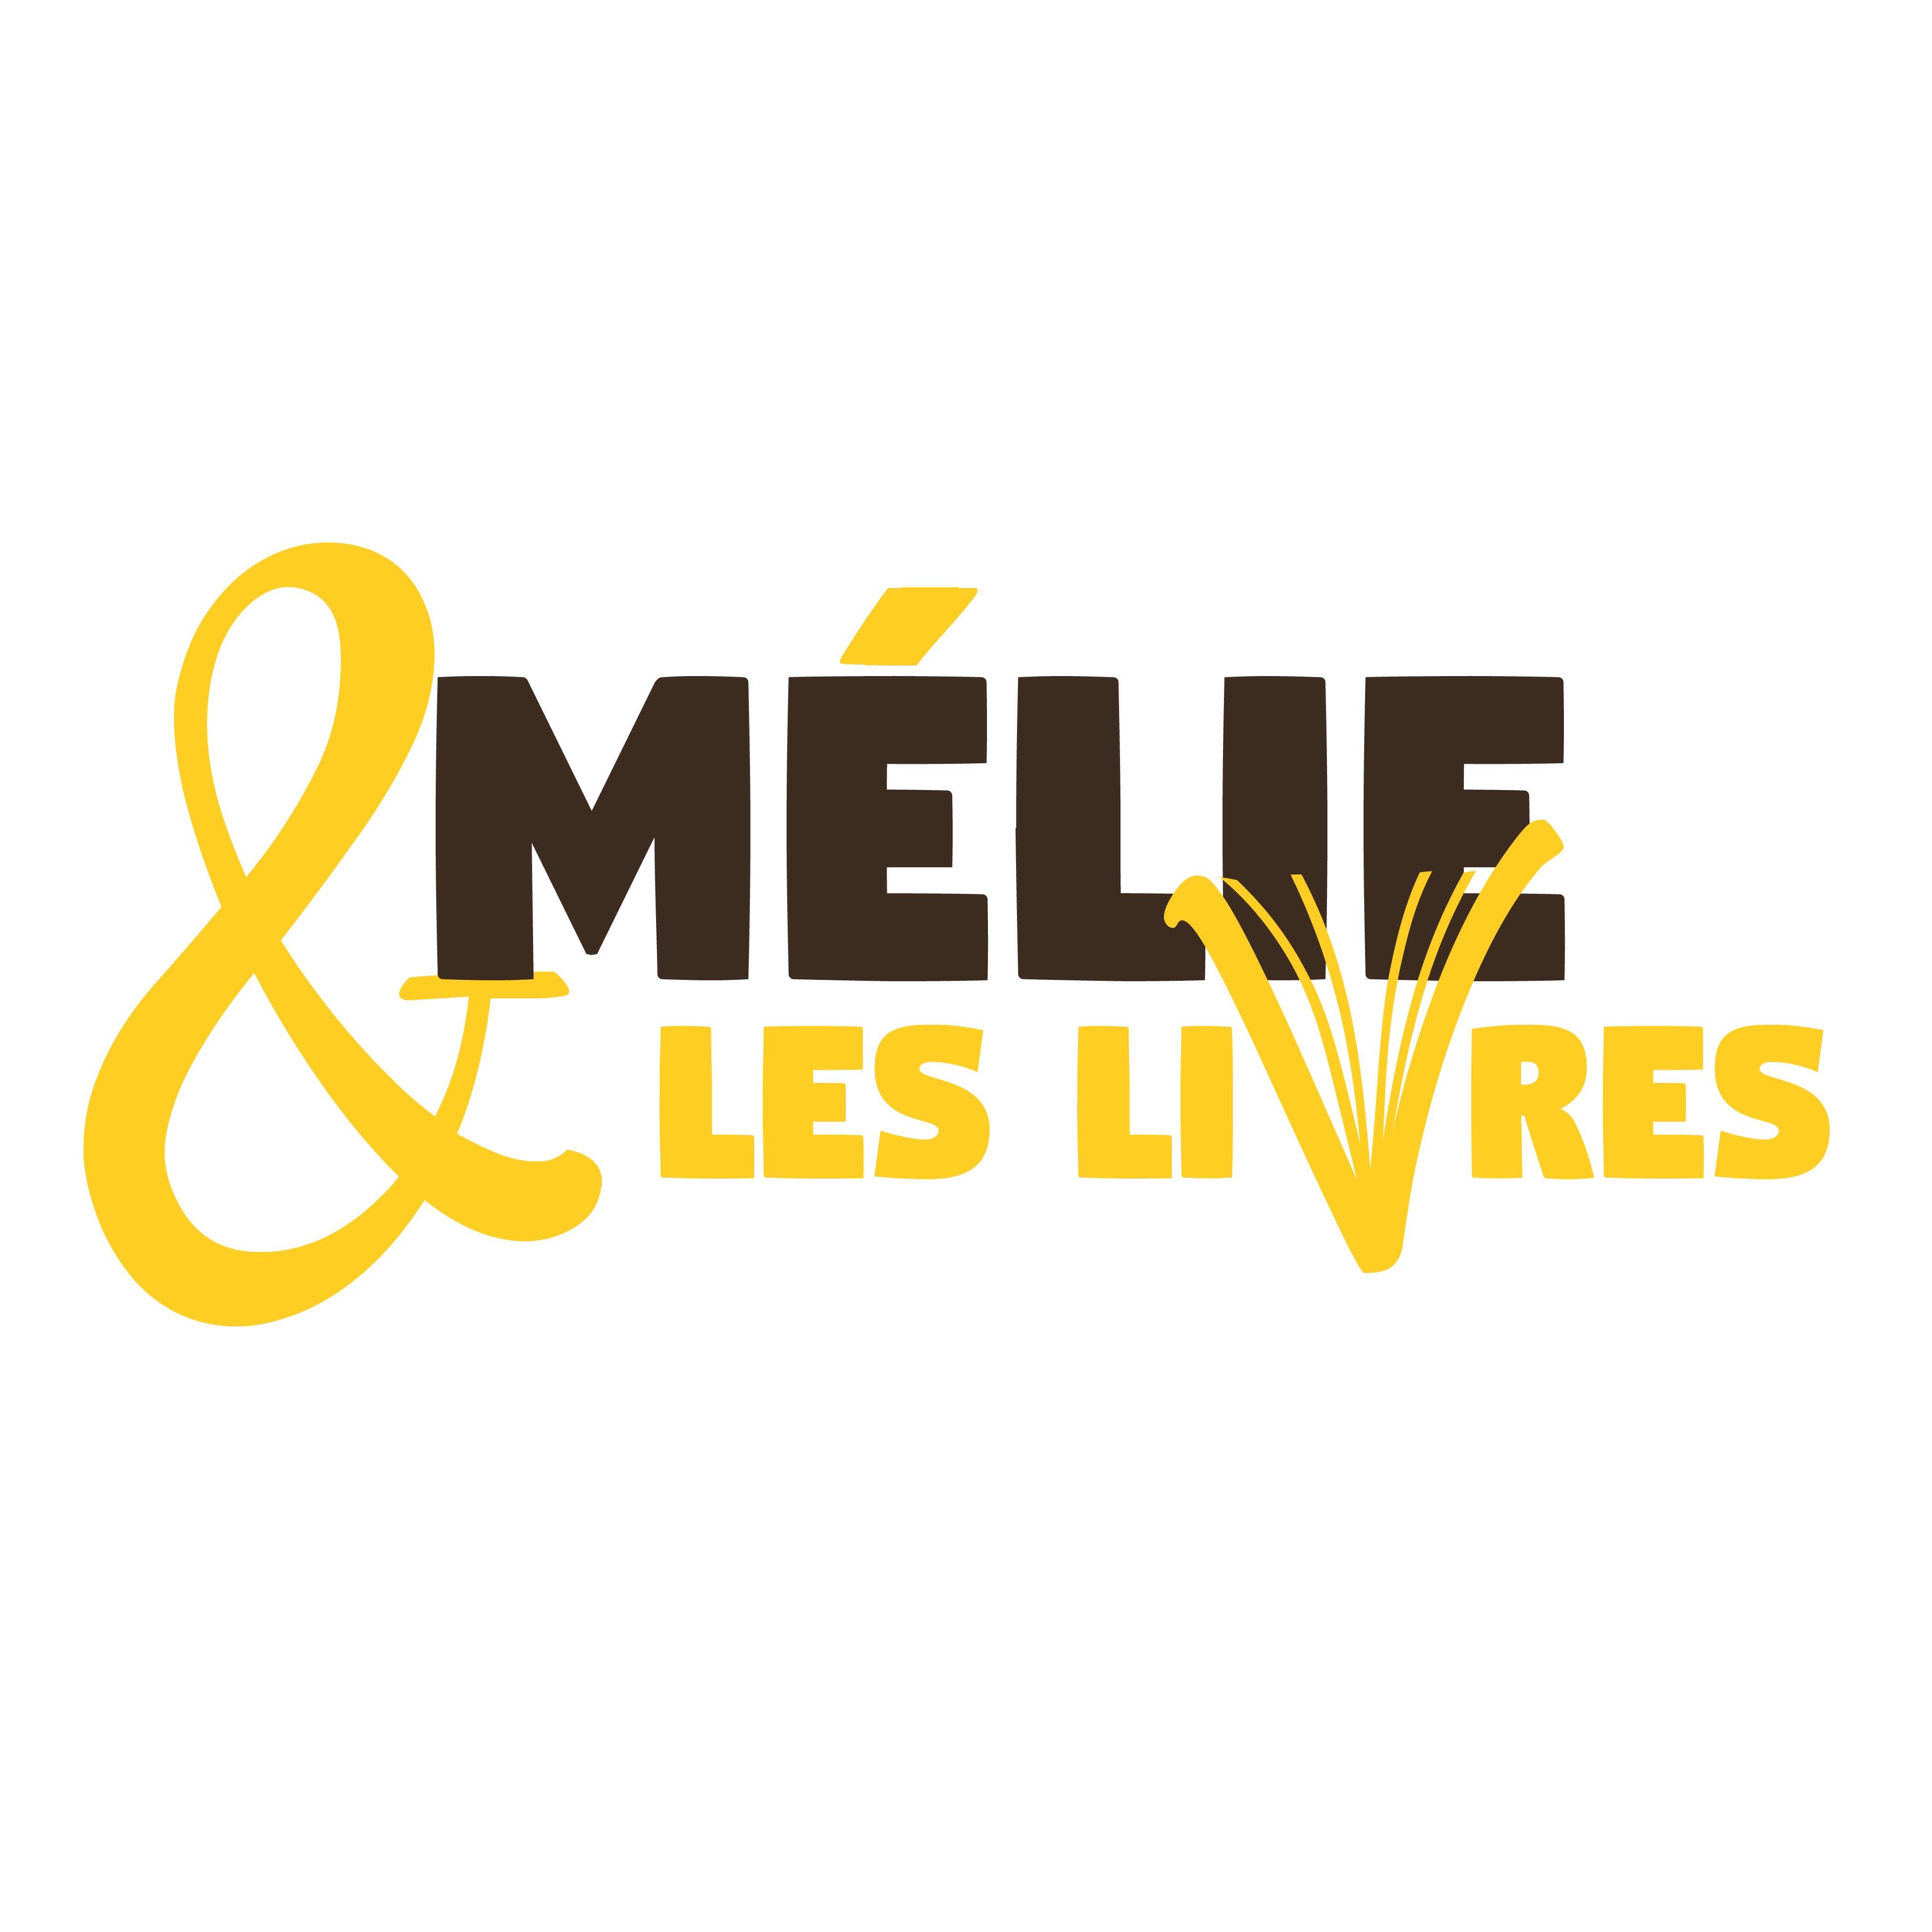 Mélie et les livres